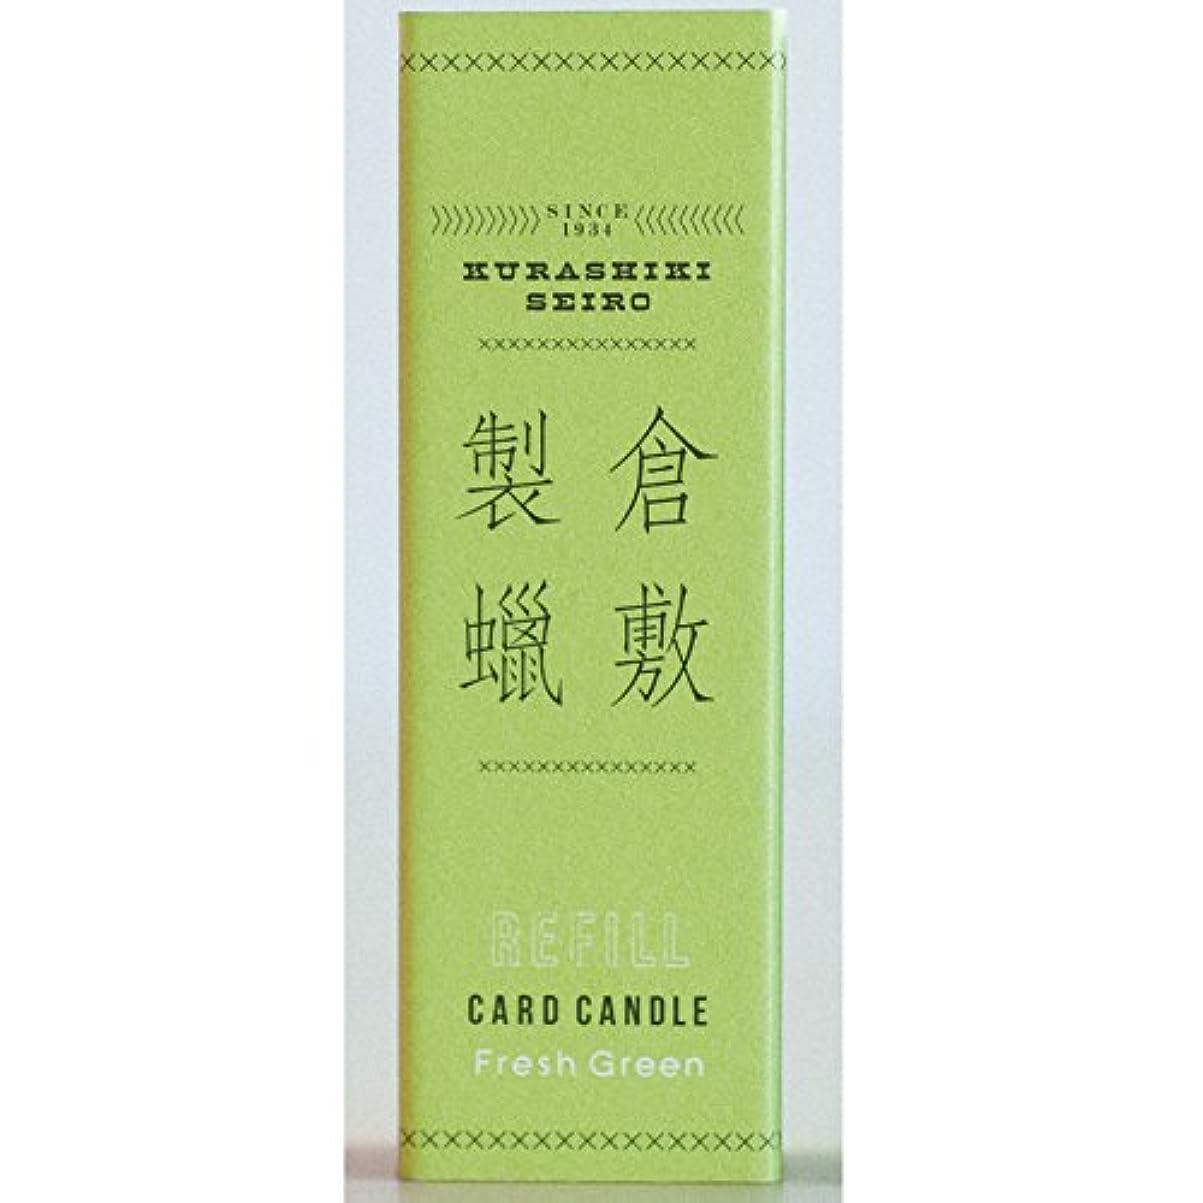 織る配送オーロック倉敷製蝋 CARD CANDLE REFILL (Fresh Green)